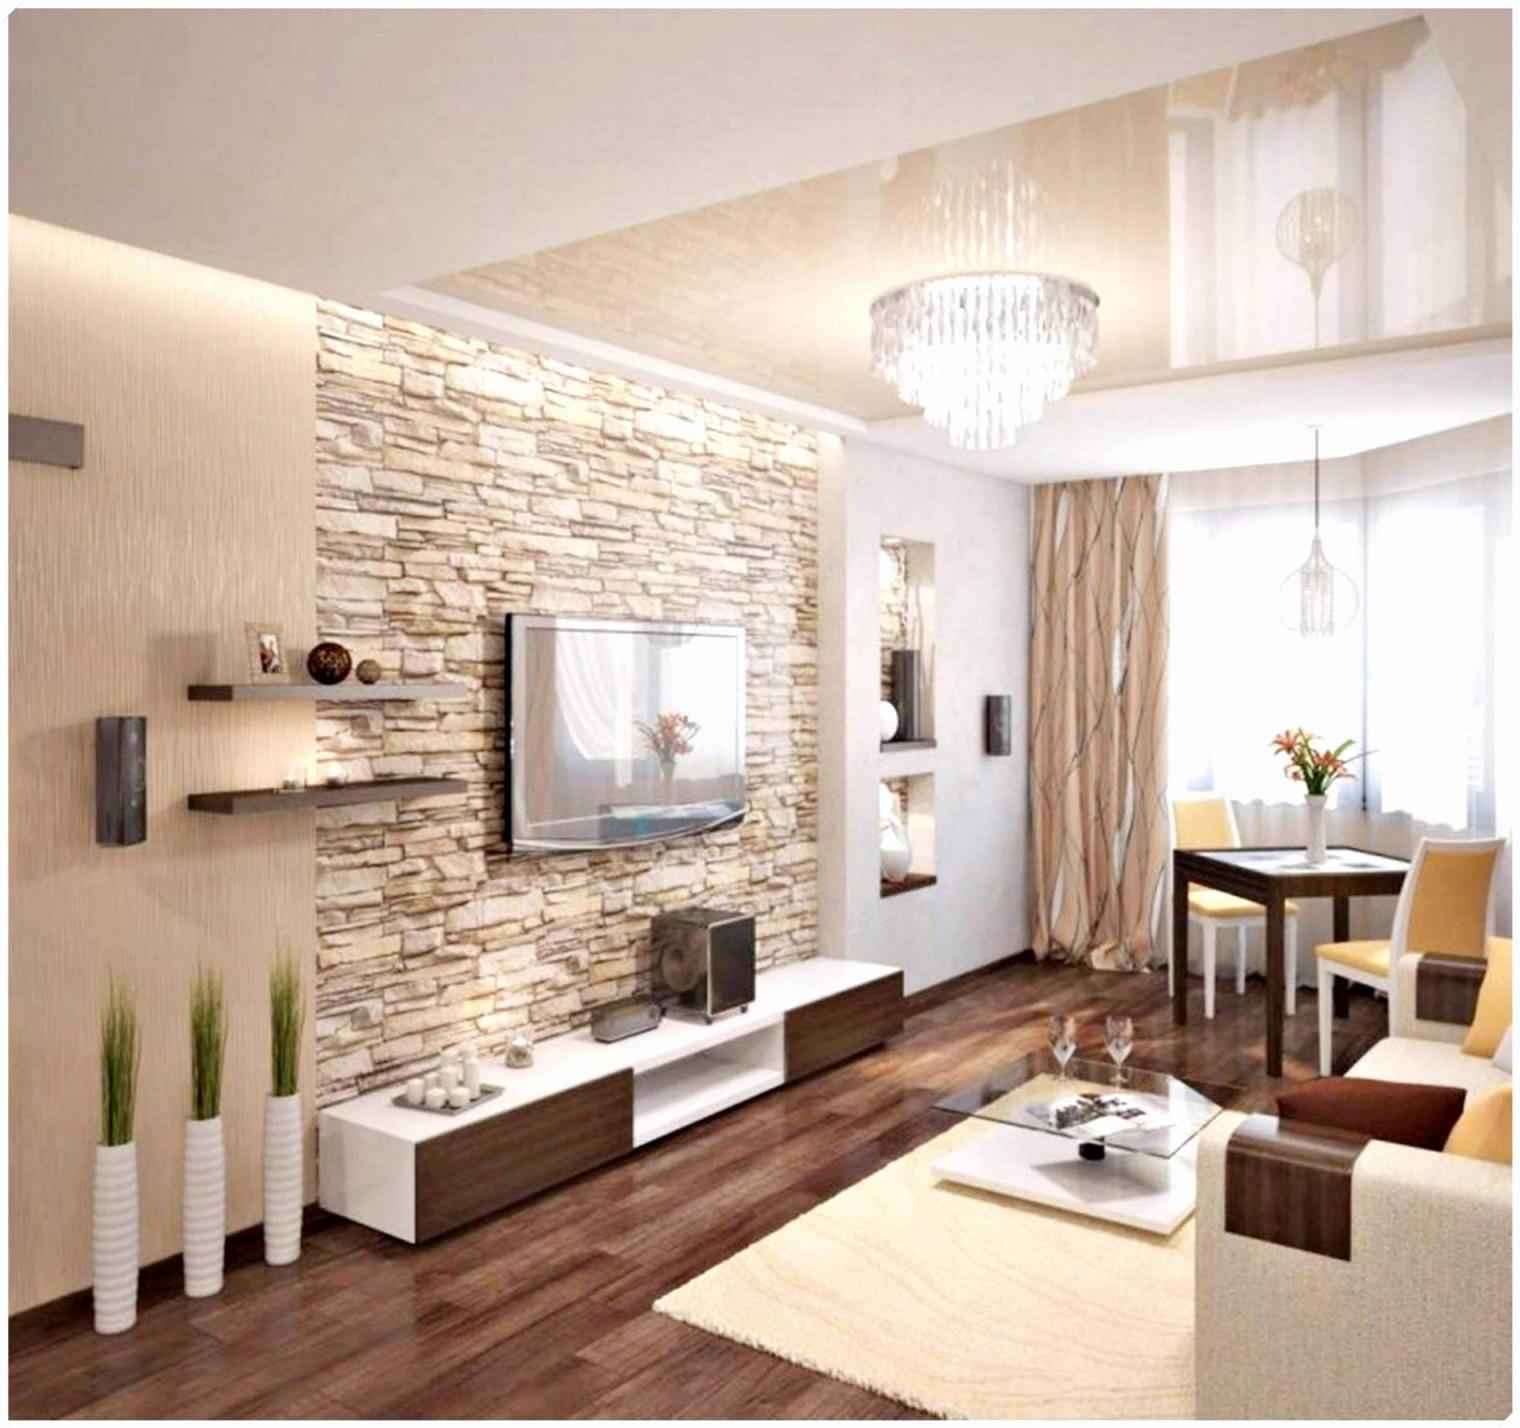 37 Neu Wohnzimmer Farben Ideen Frisch  Wohnzimmer Frisch von Wohnzimmer Ideen Farben Bild